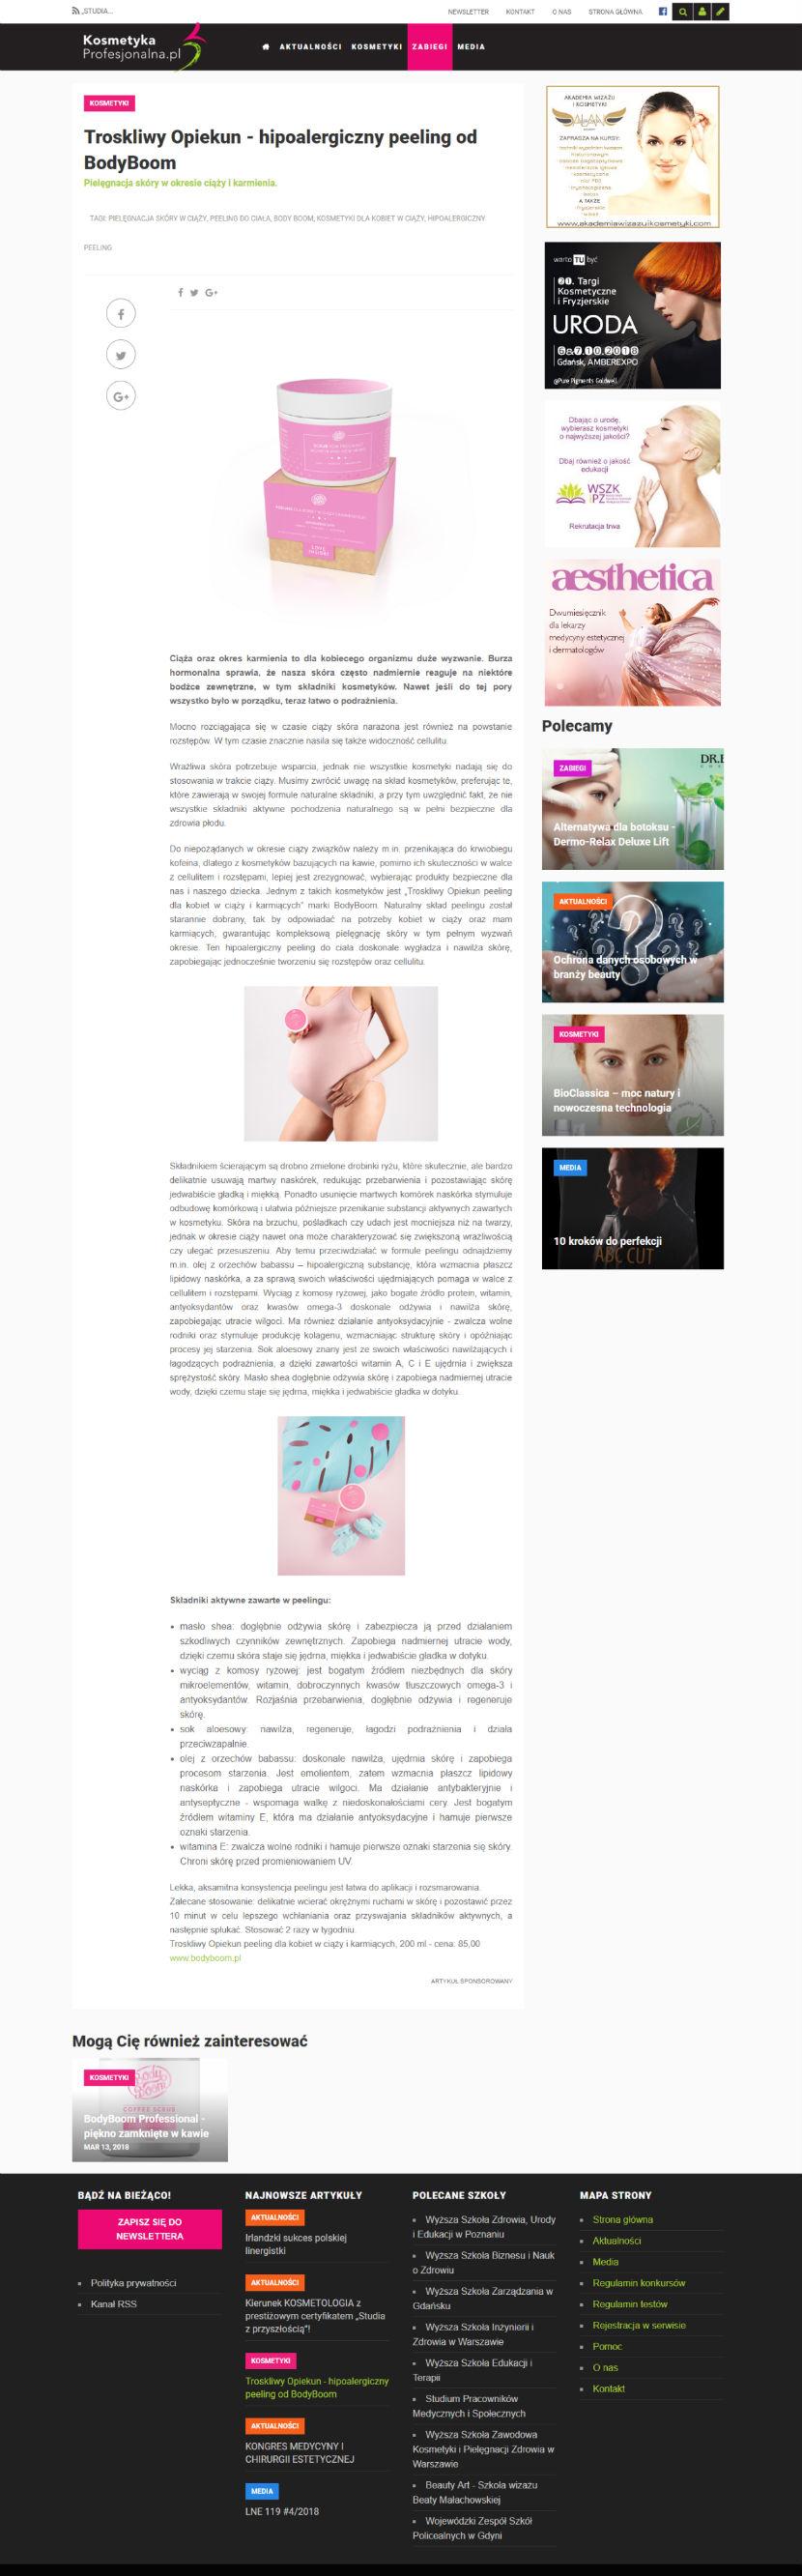 Kosmetyka Profesjonalna - wygląd przykładowego artykułu